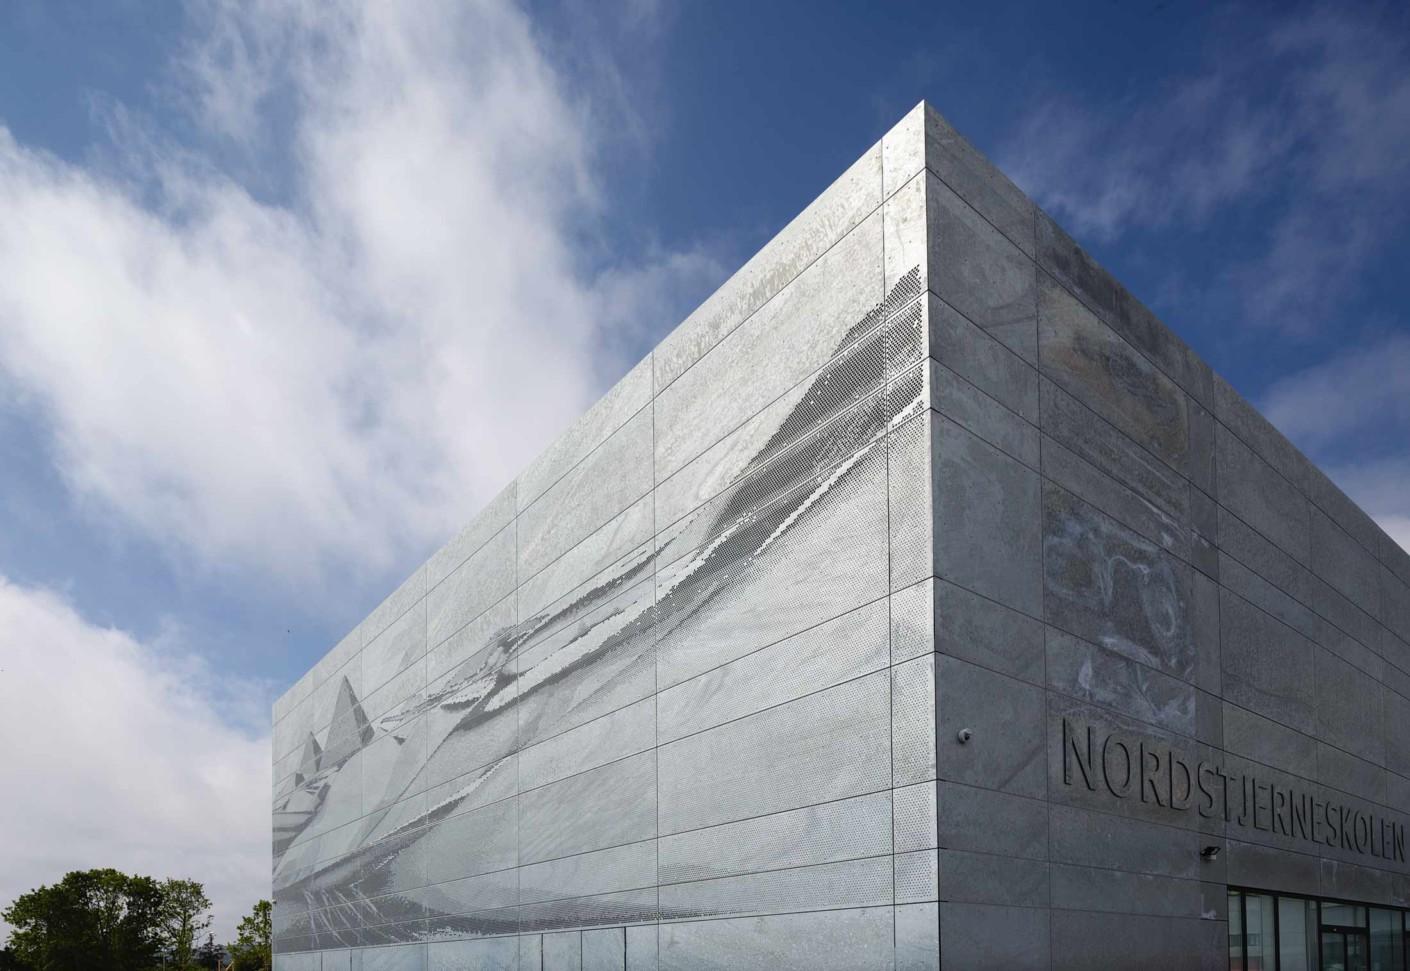 Metal Panel Facade : Nordstjerneskolen state school frederikshavn by stylepark